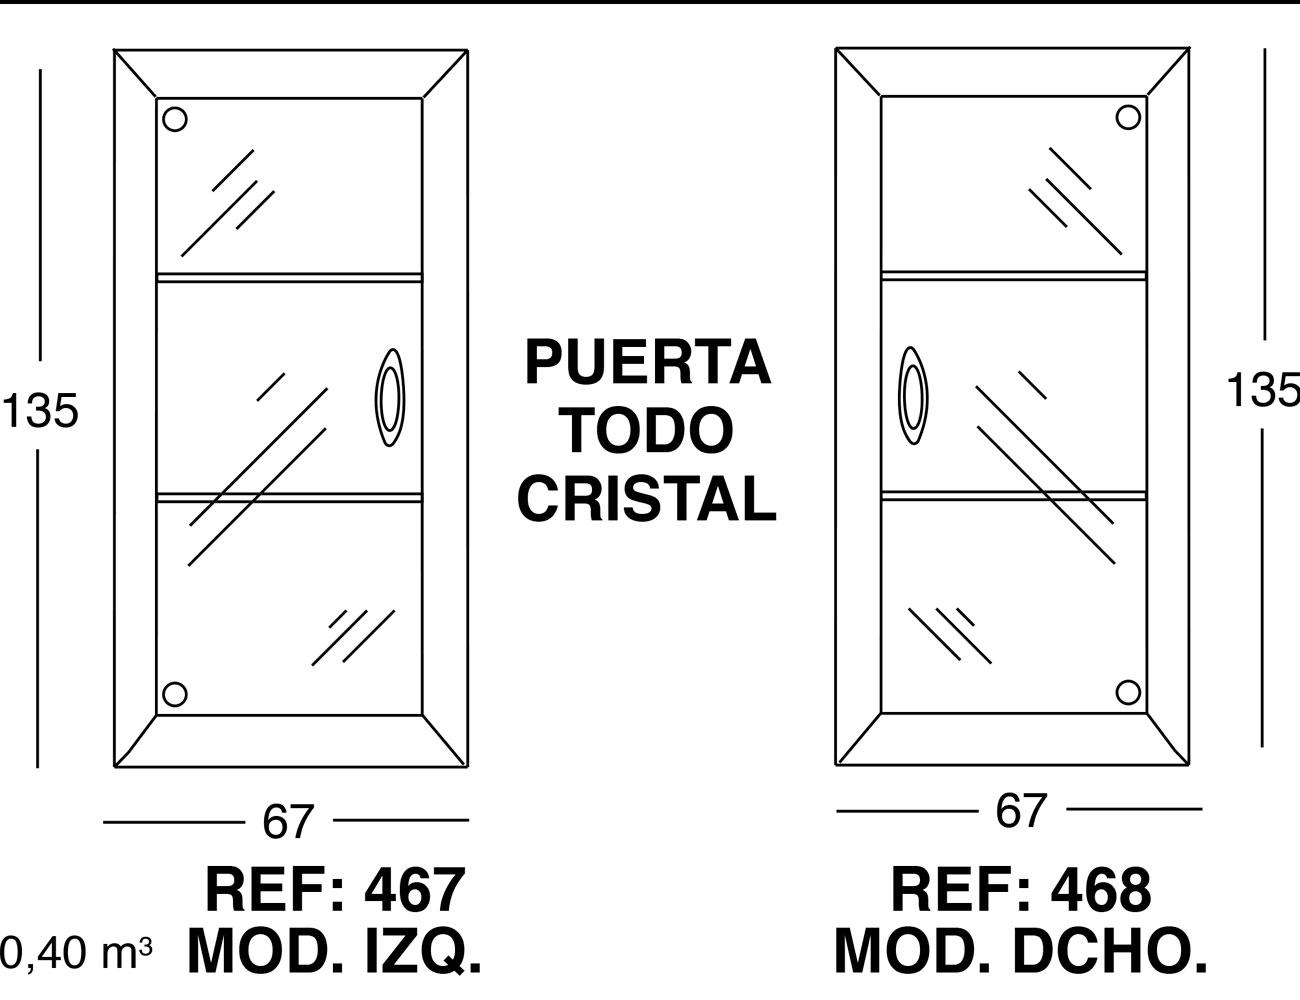 Puerta todo cristal1